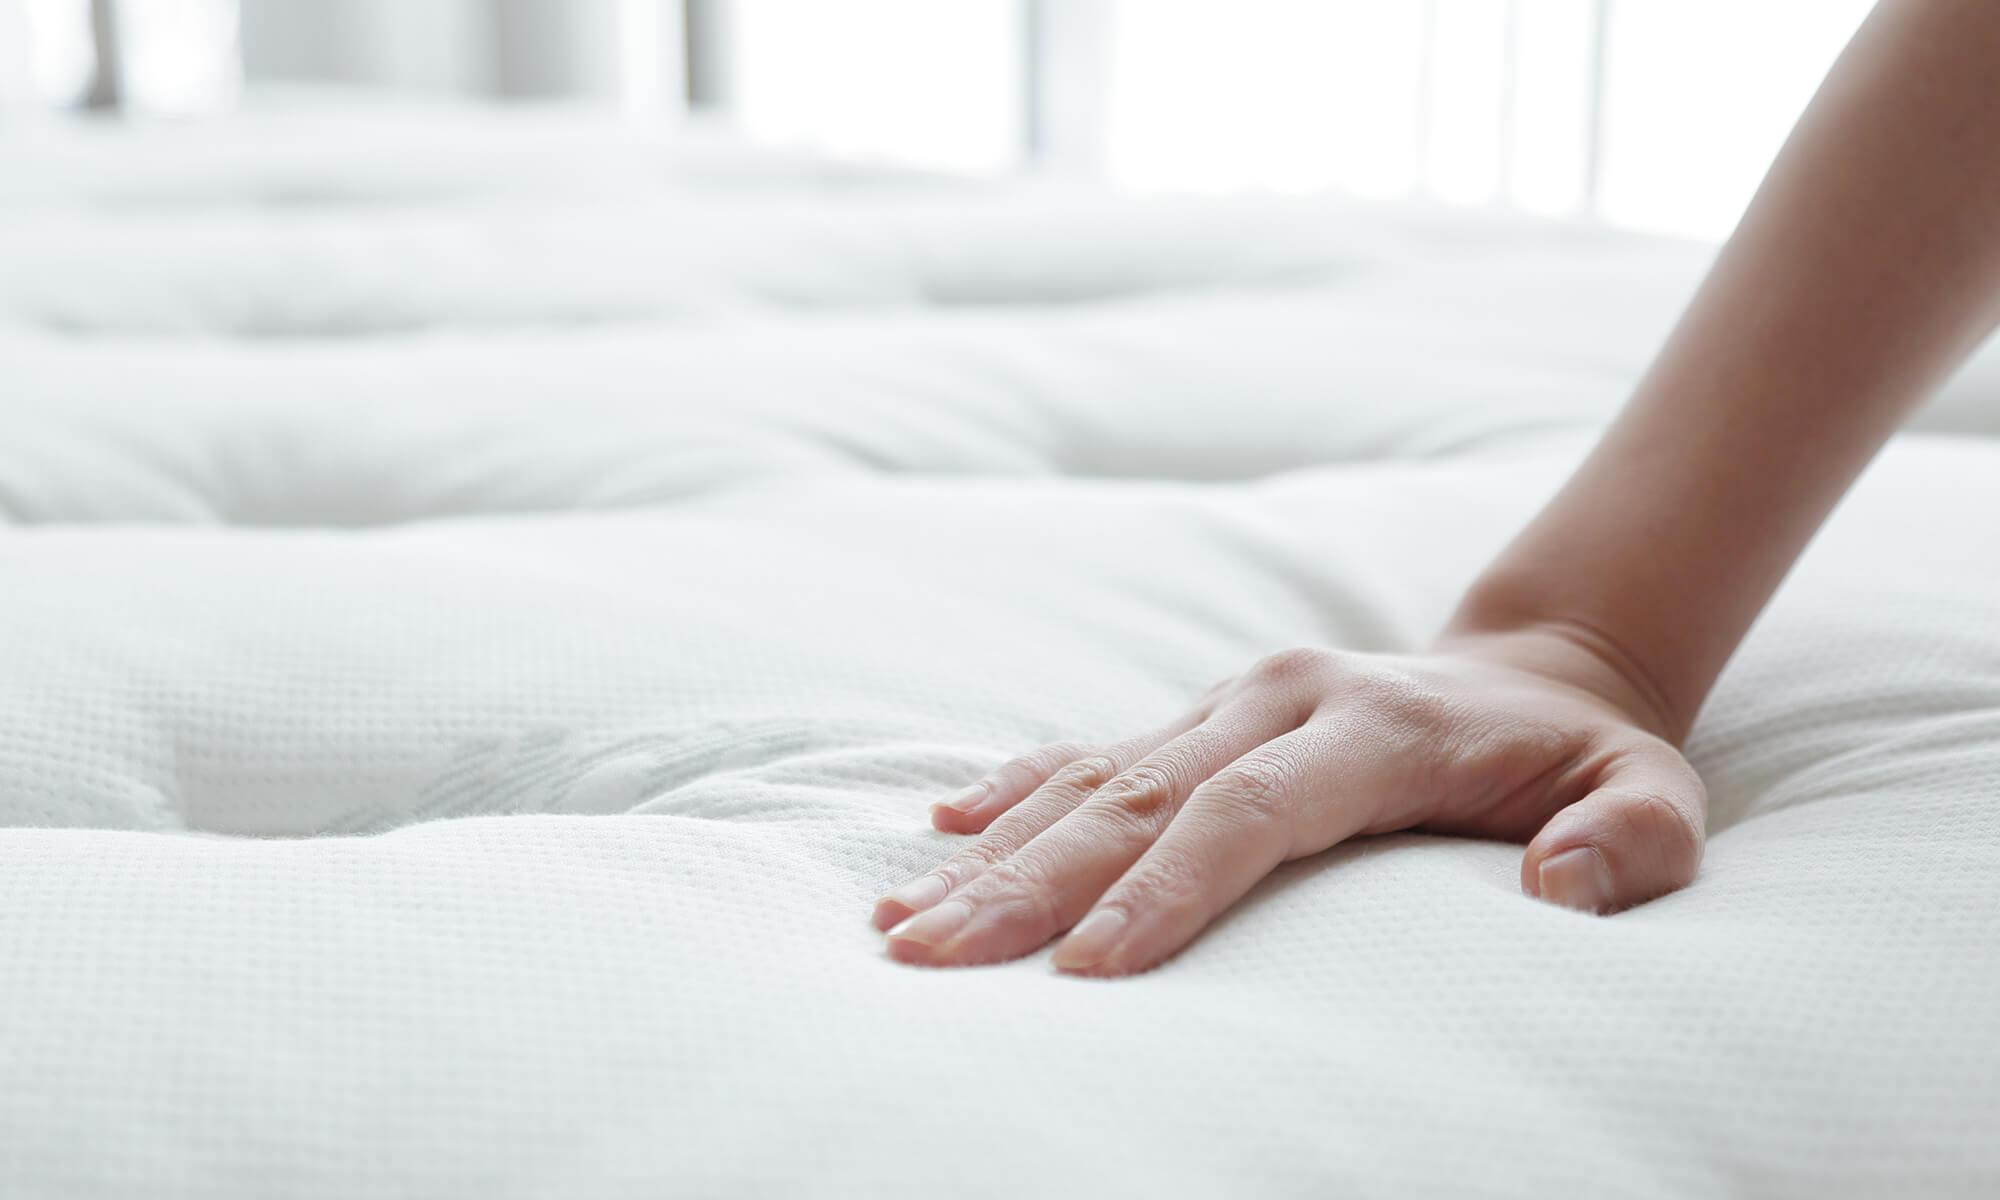 痛 ない 筋肉 で 寝れ